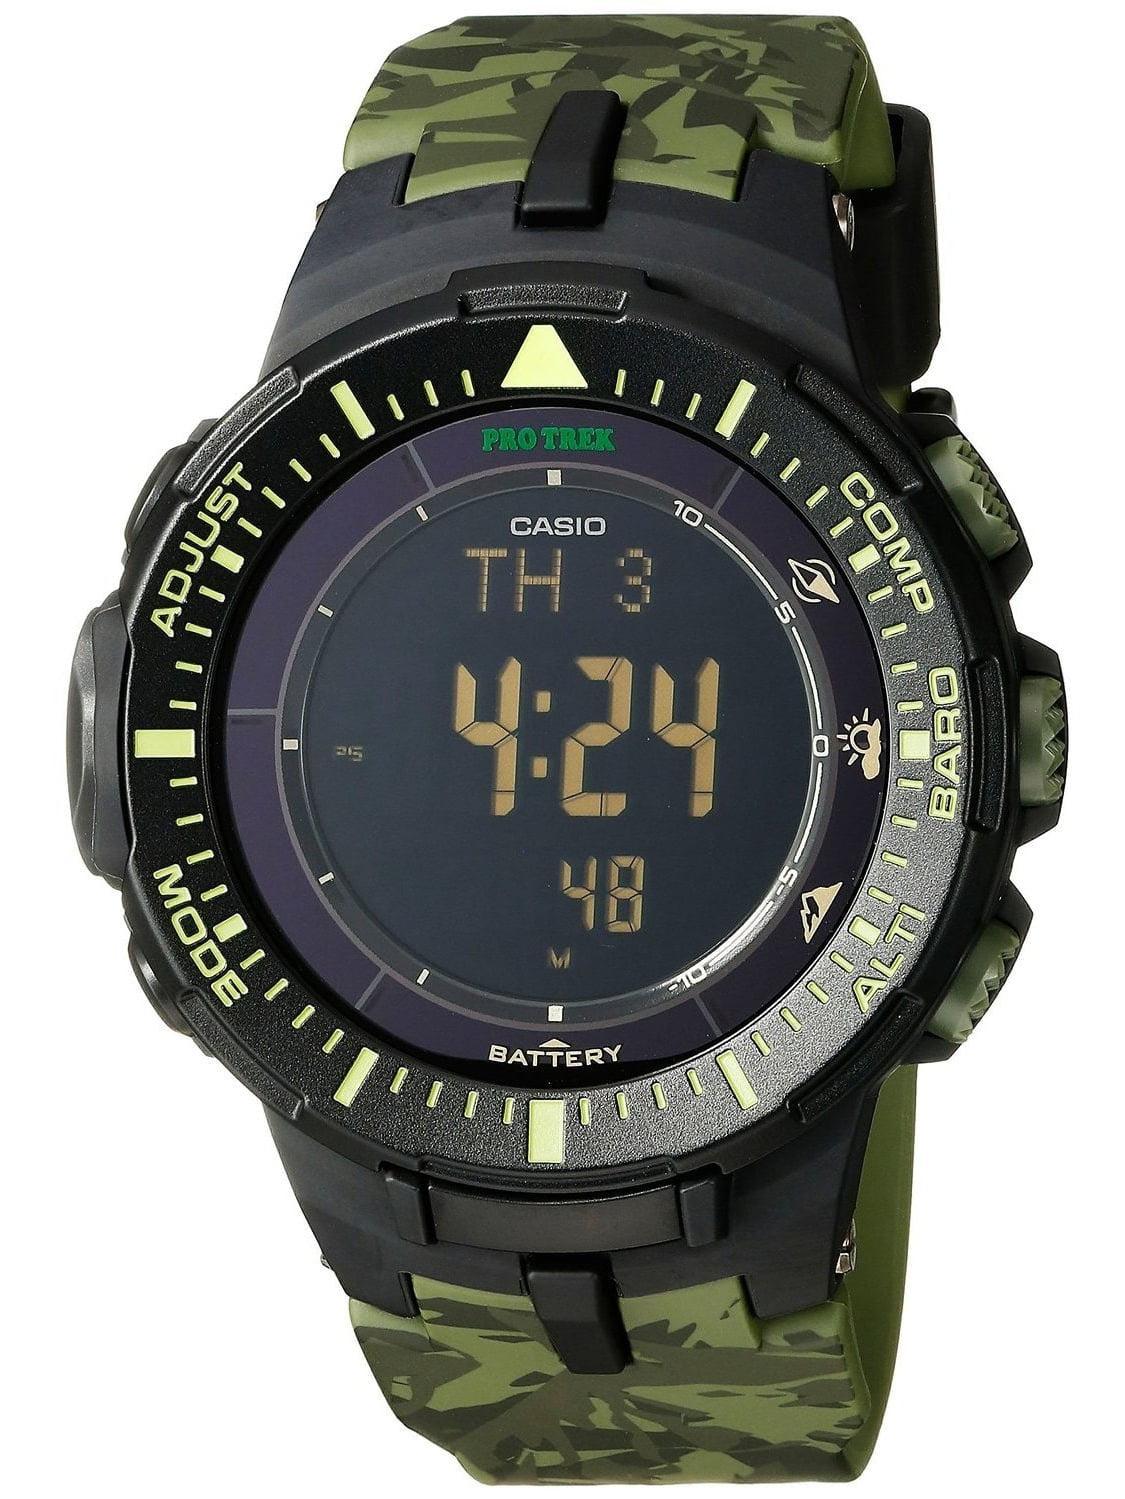 ProTrek Triple Sensor Watch Green by Casio